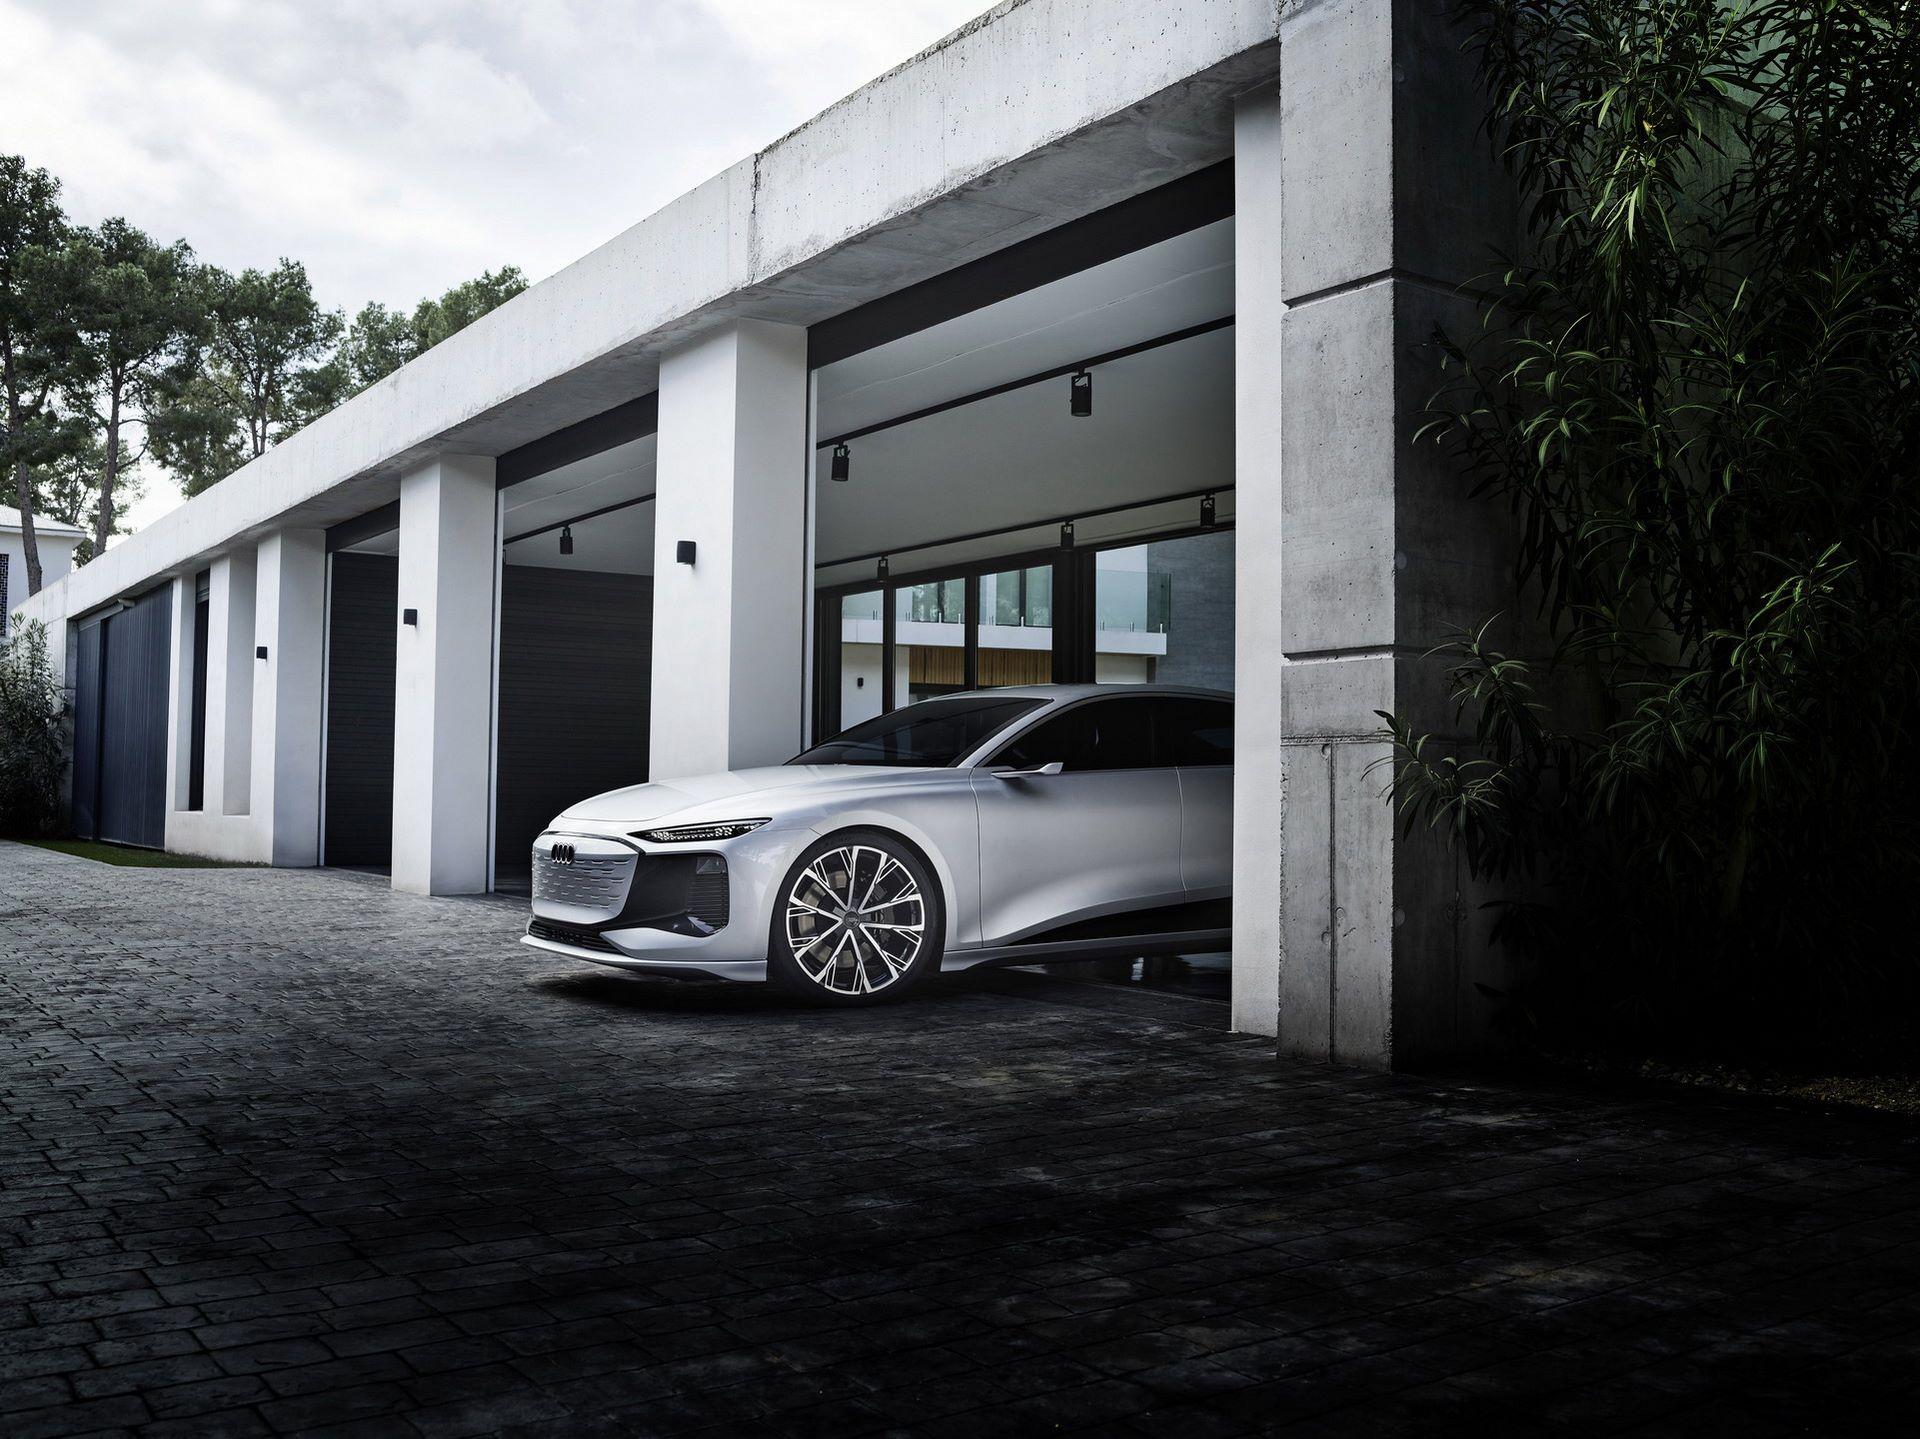 Audi-A6-e-tron-concept-33